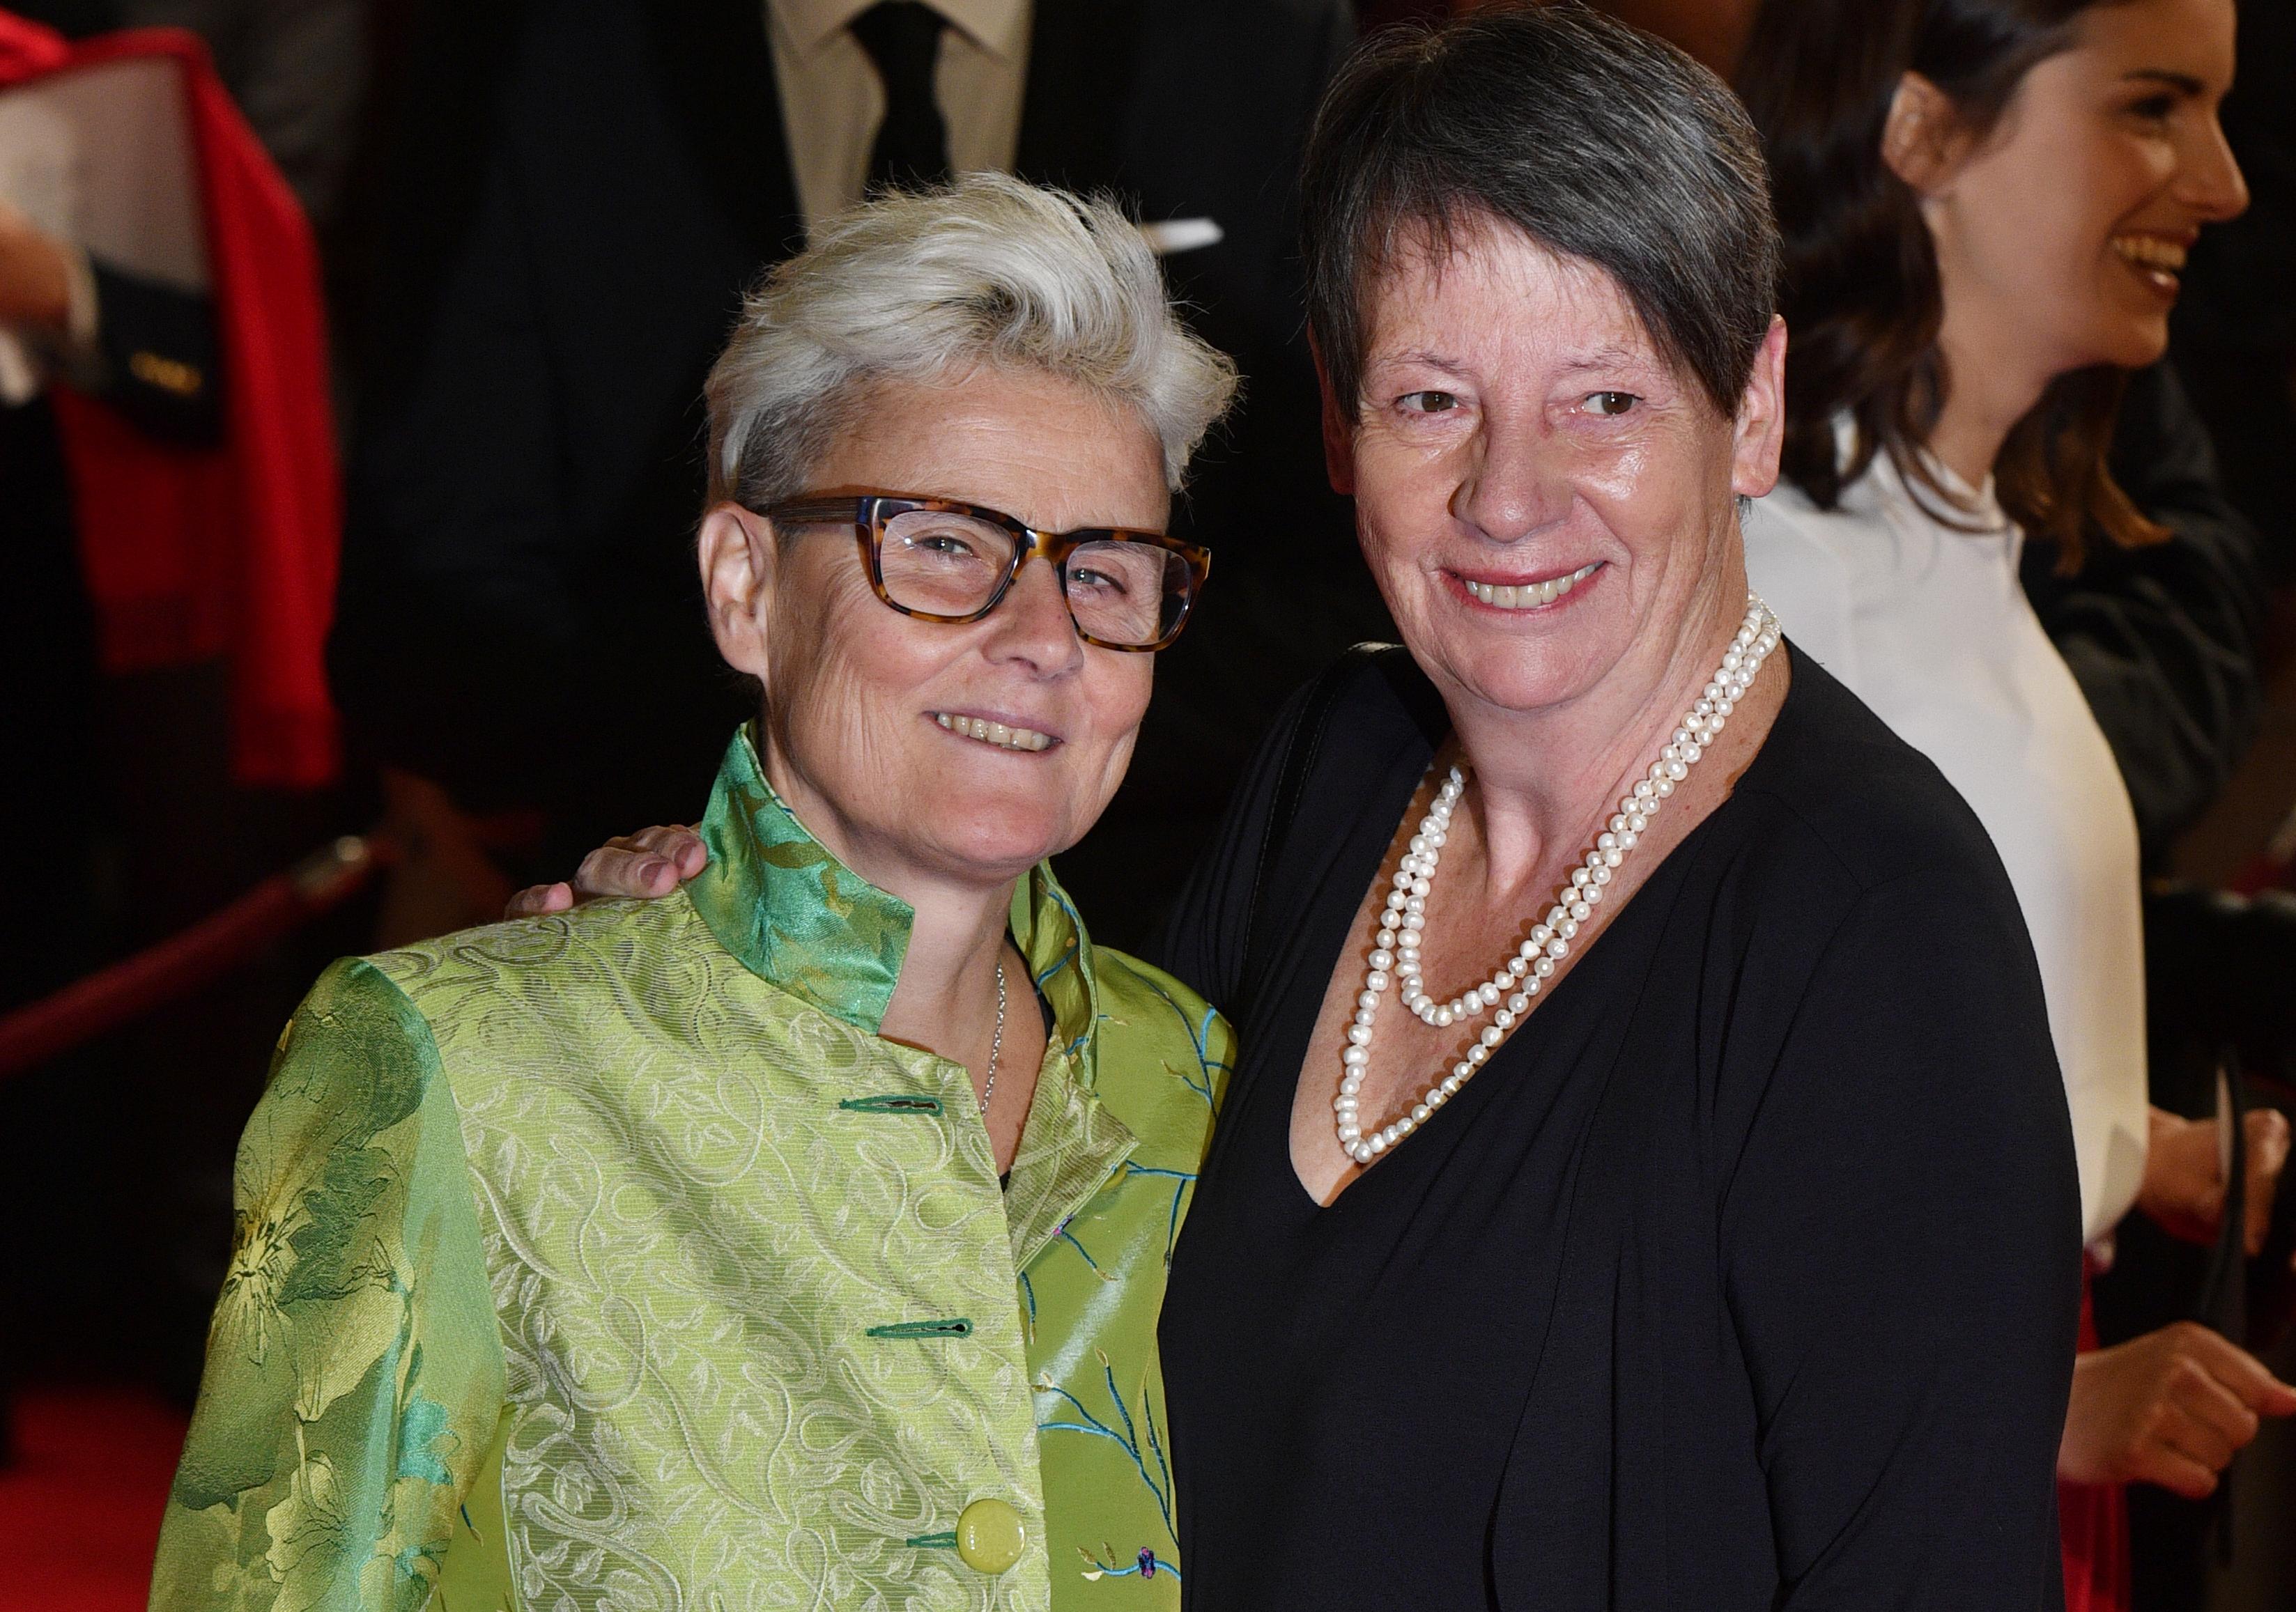 Feleségül vette barátnőjét Barbara Hendricks német környezetvédelmi miniszter